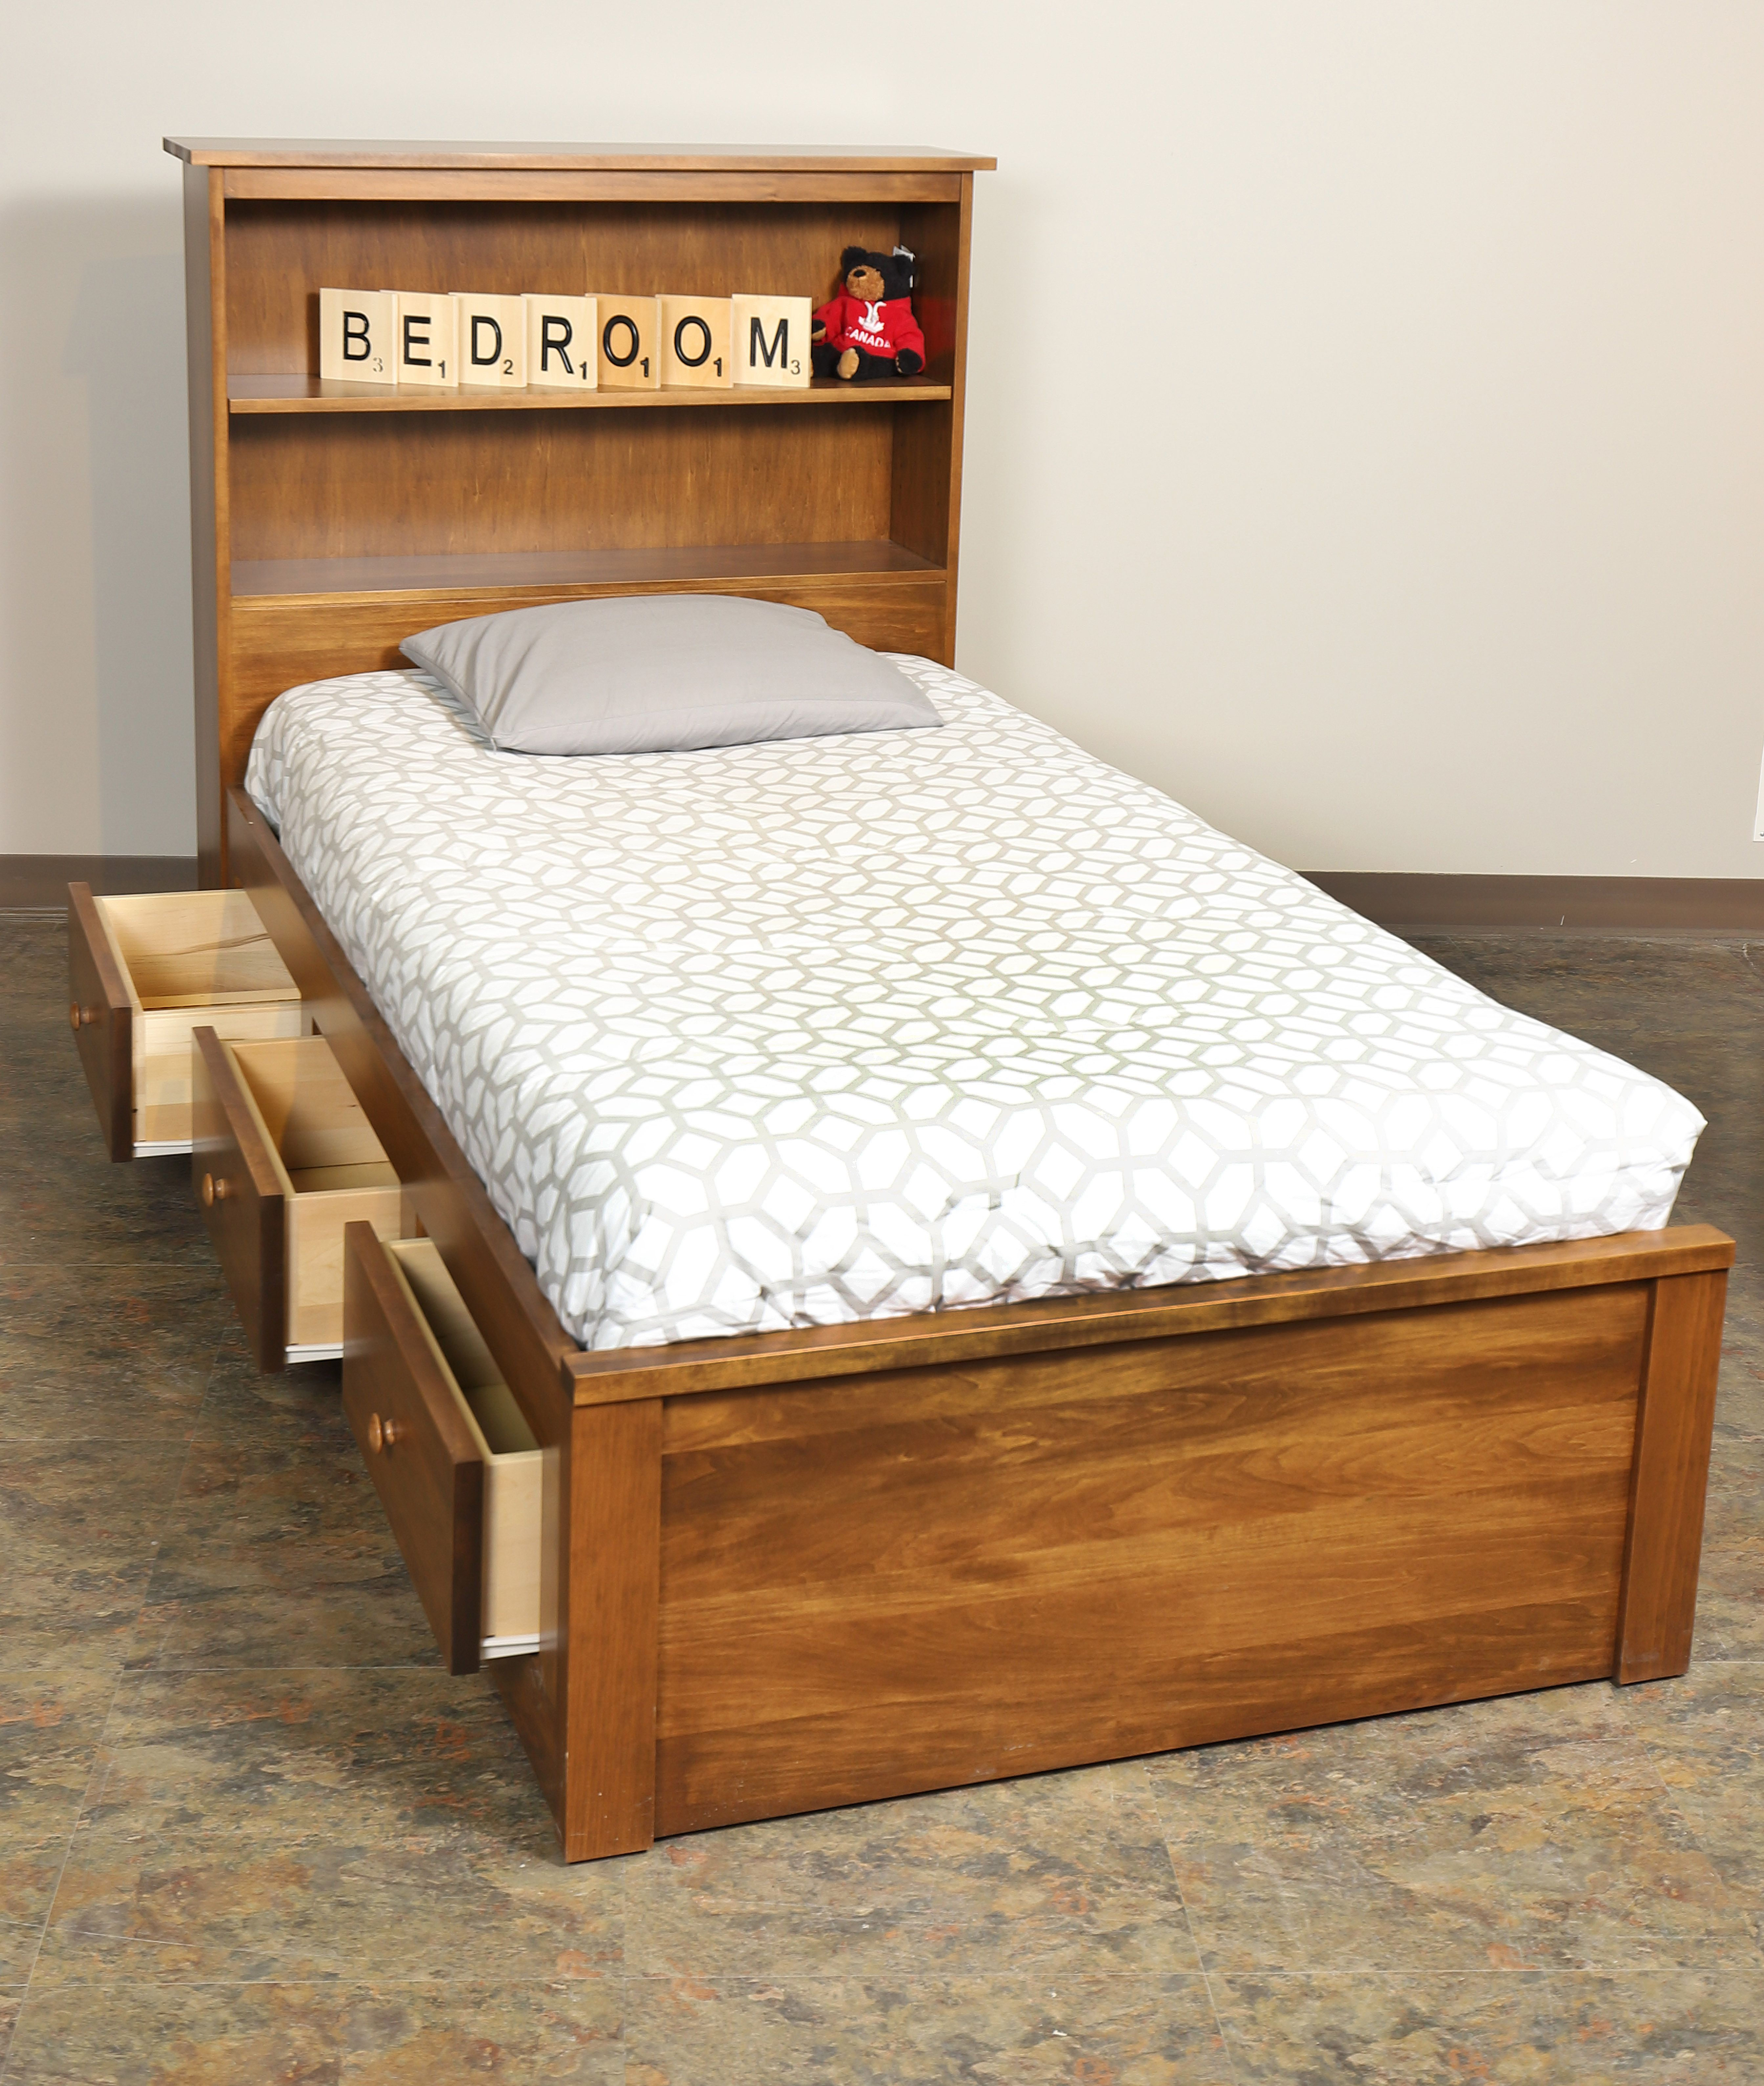 See the source image, ukuran-ukuran spring bed